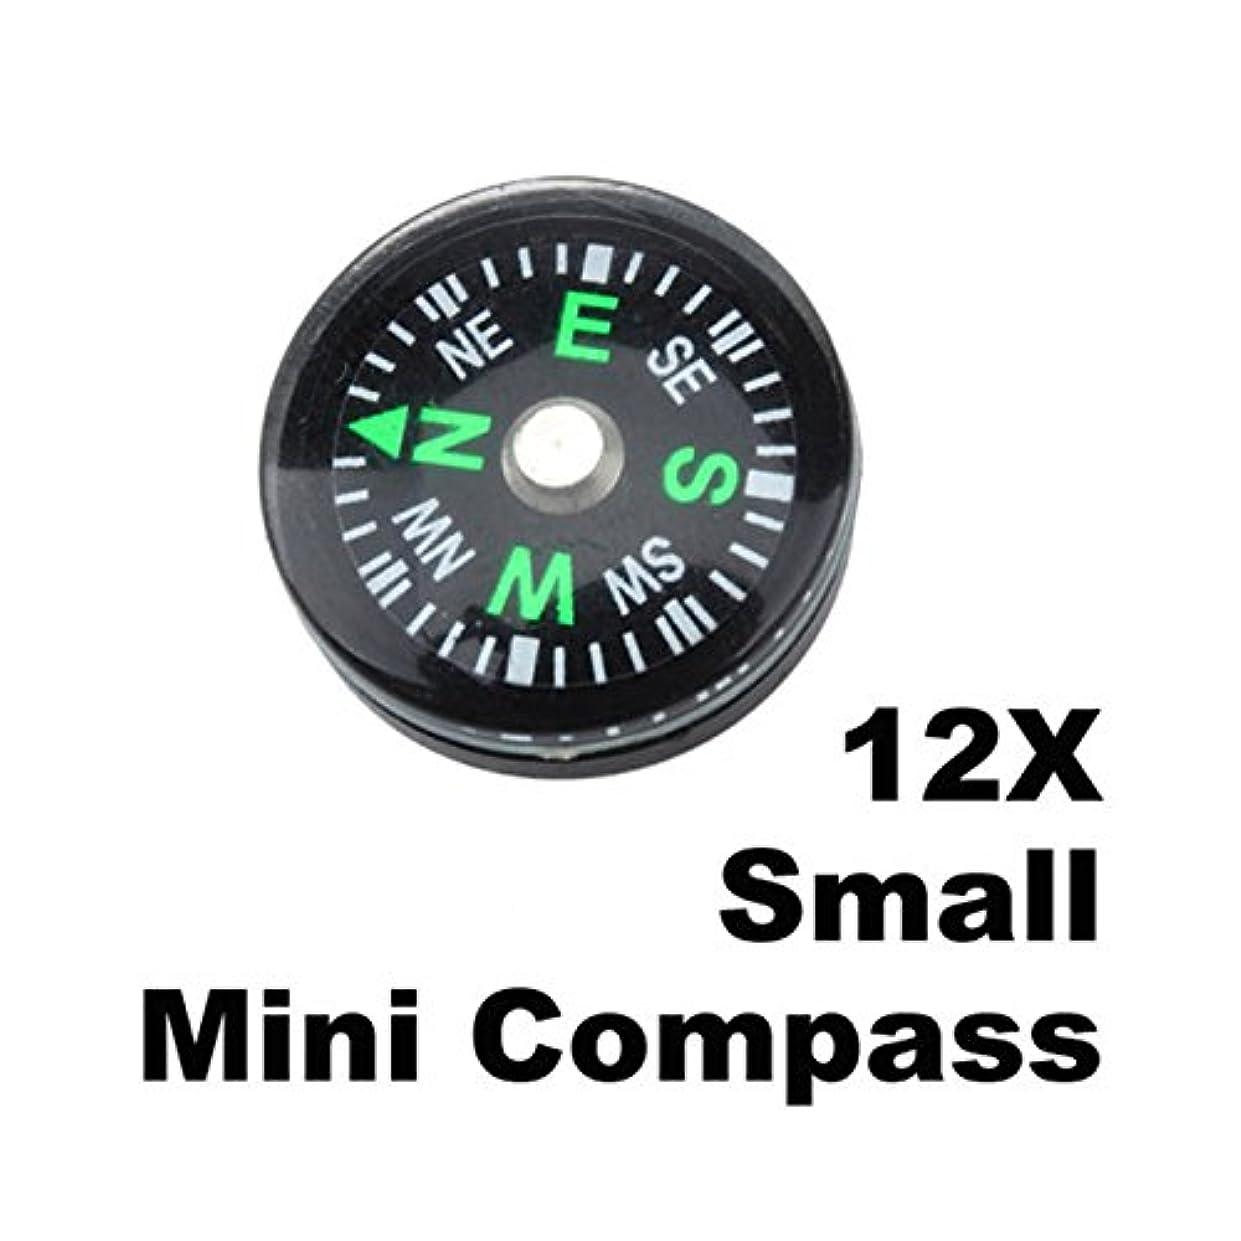 シードぶどう今12 pc 20 mm ( 12ピース/ロット) Small Miniコンパスキーチェーン旅行ポインティングガイドサバイバル緊急人生Tactical完全に人気アウトドアハンティング防水ホイッスルナイフバックパックジオメトリマップツールキット